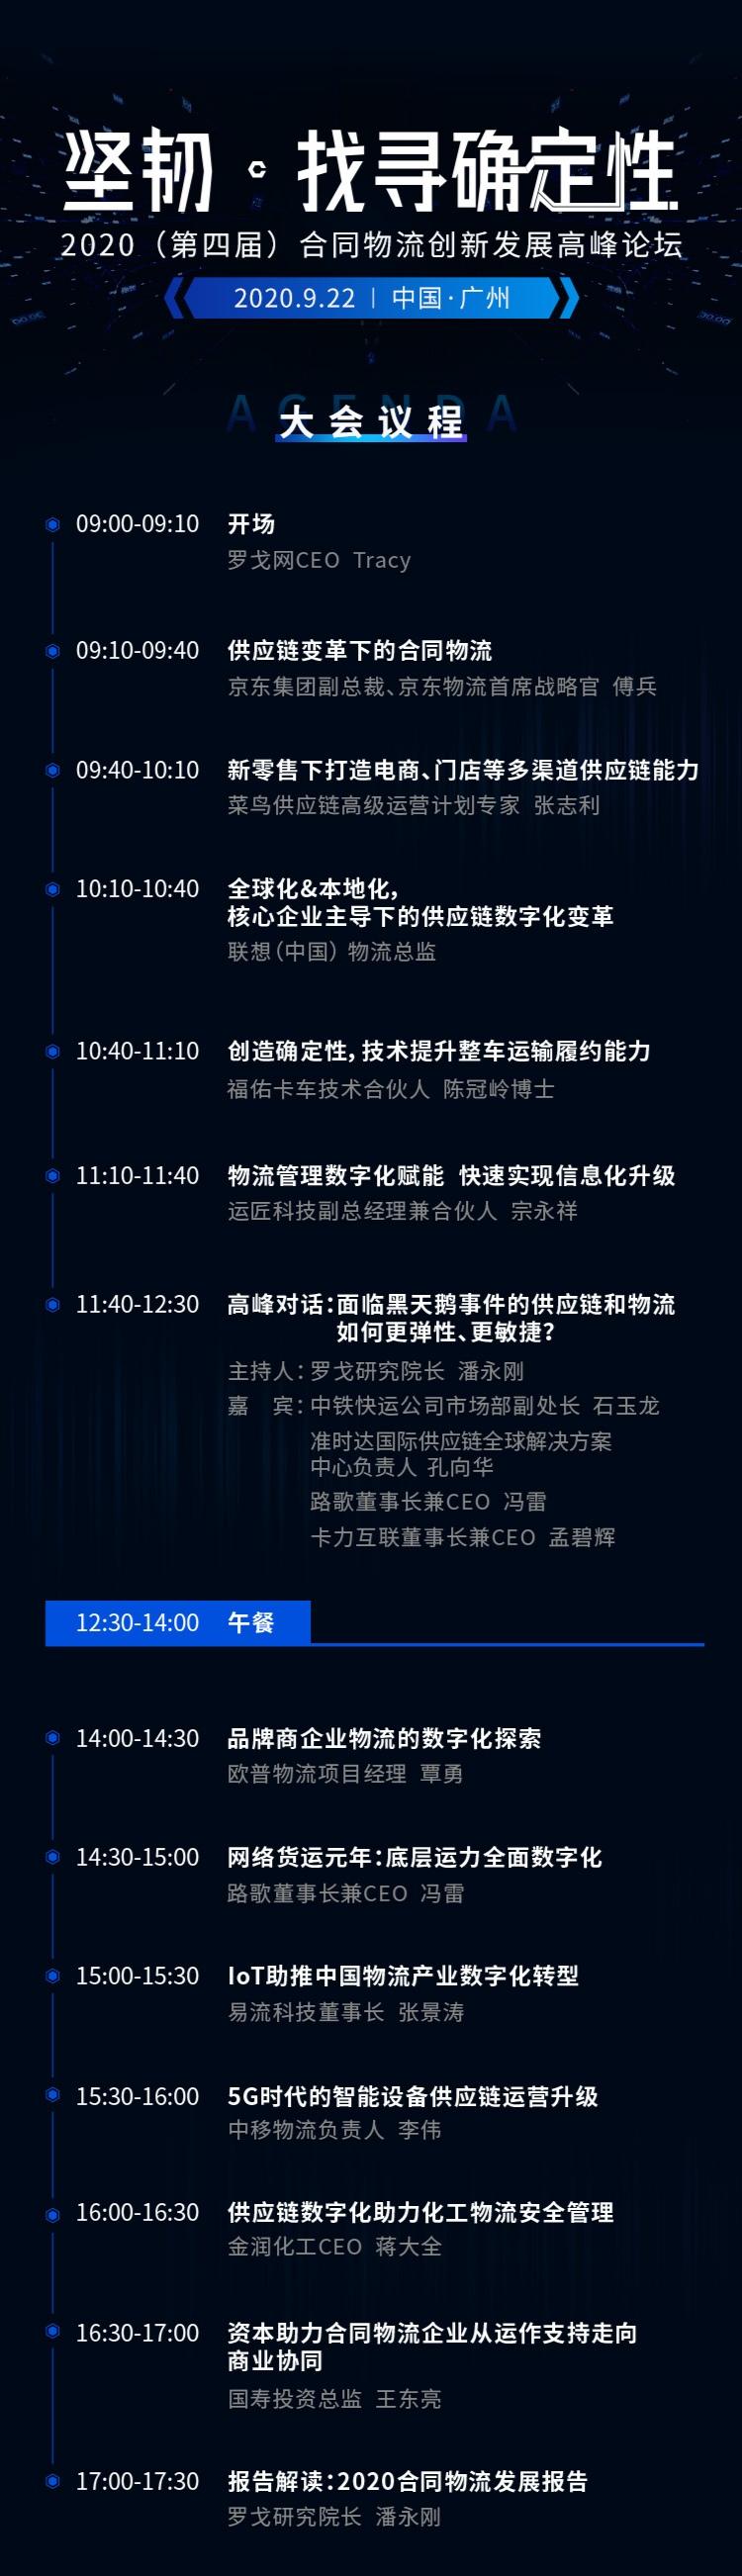 2020(第四届)合同物流创新发展高峰论坛